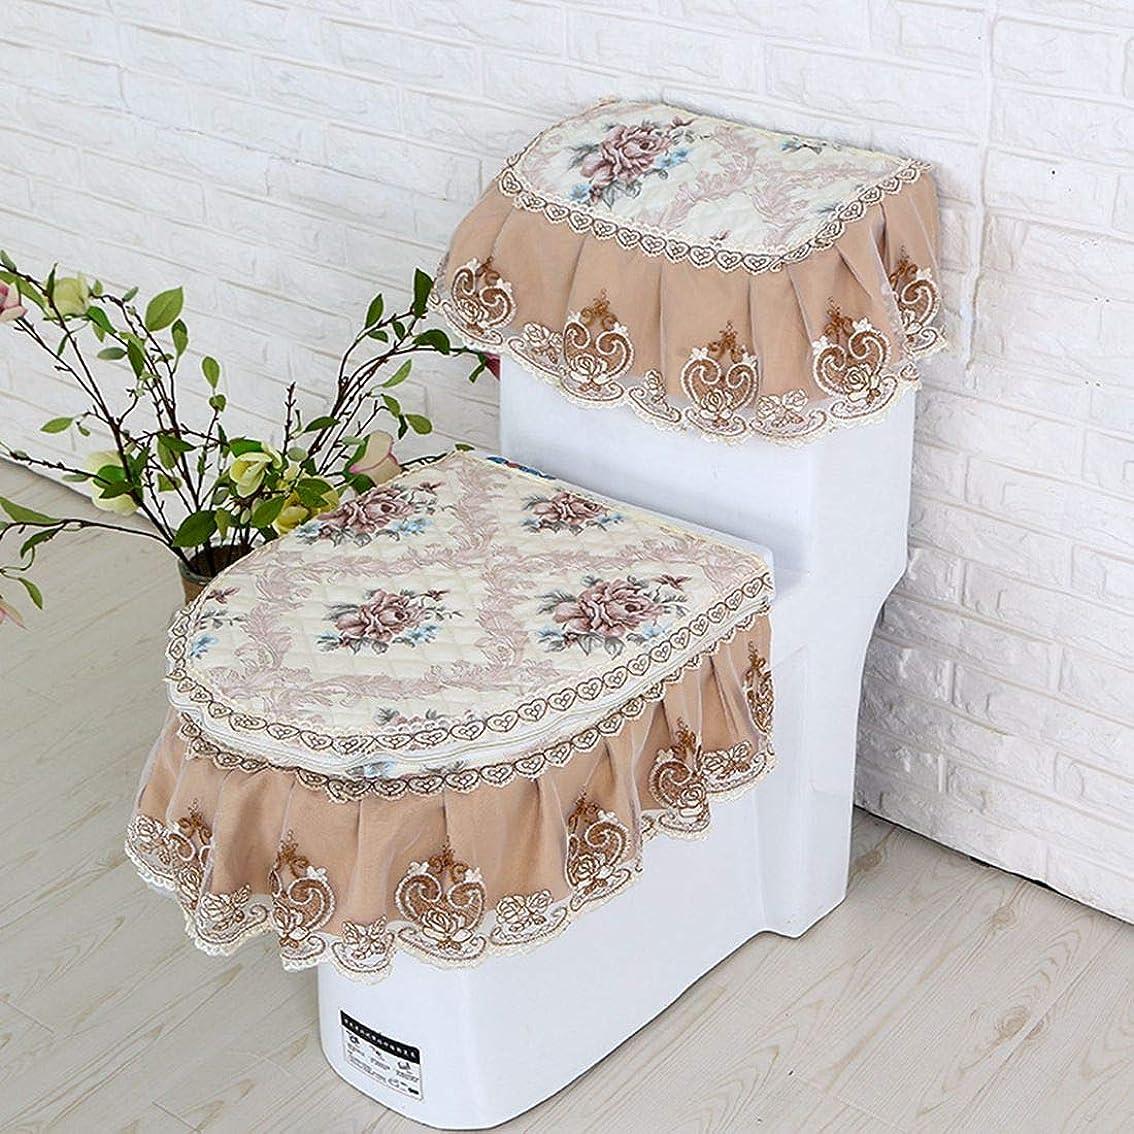 指令見える不良品CAFUTY コットン トイレットマット 布製トイレセット 両面 農村スタイル (Color : ブラウン)